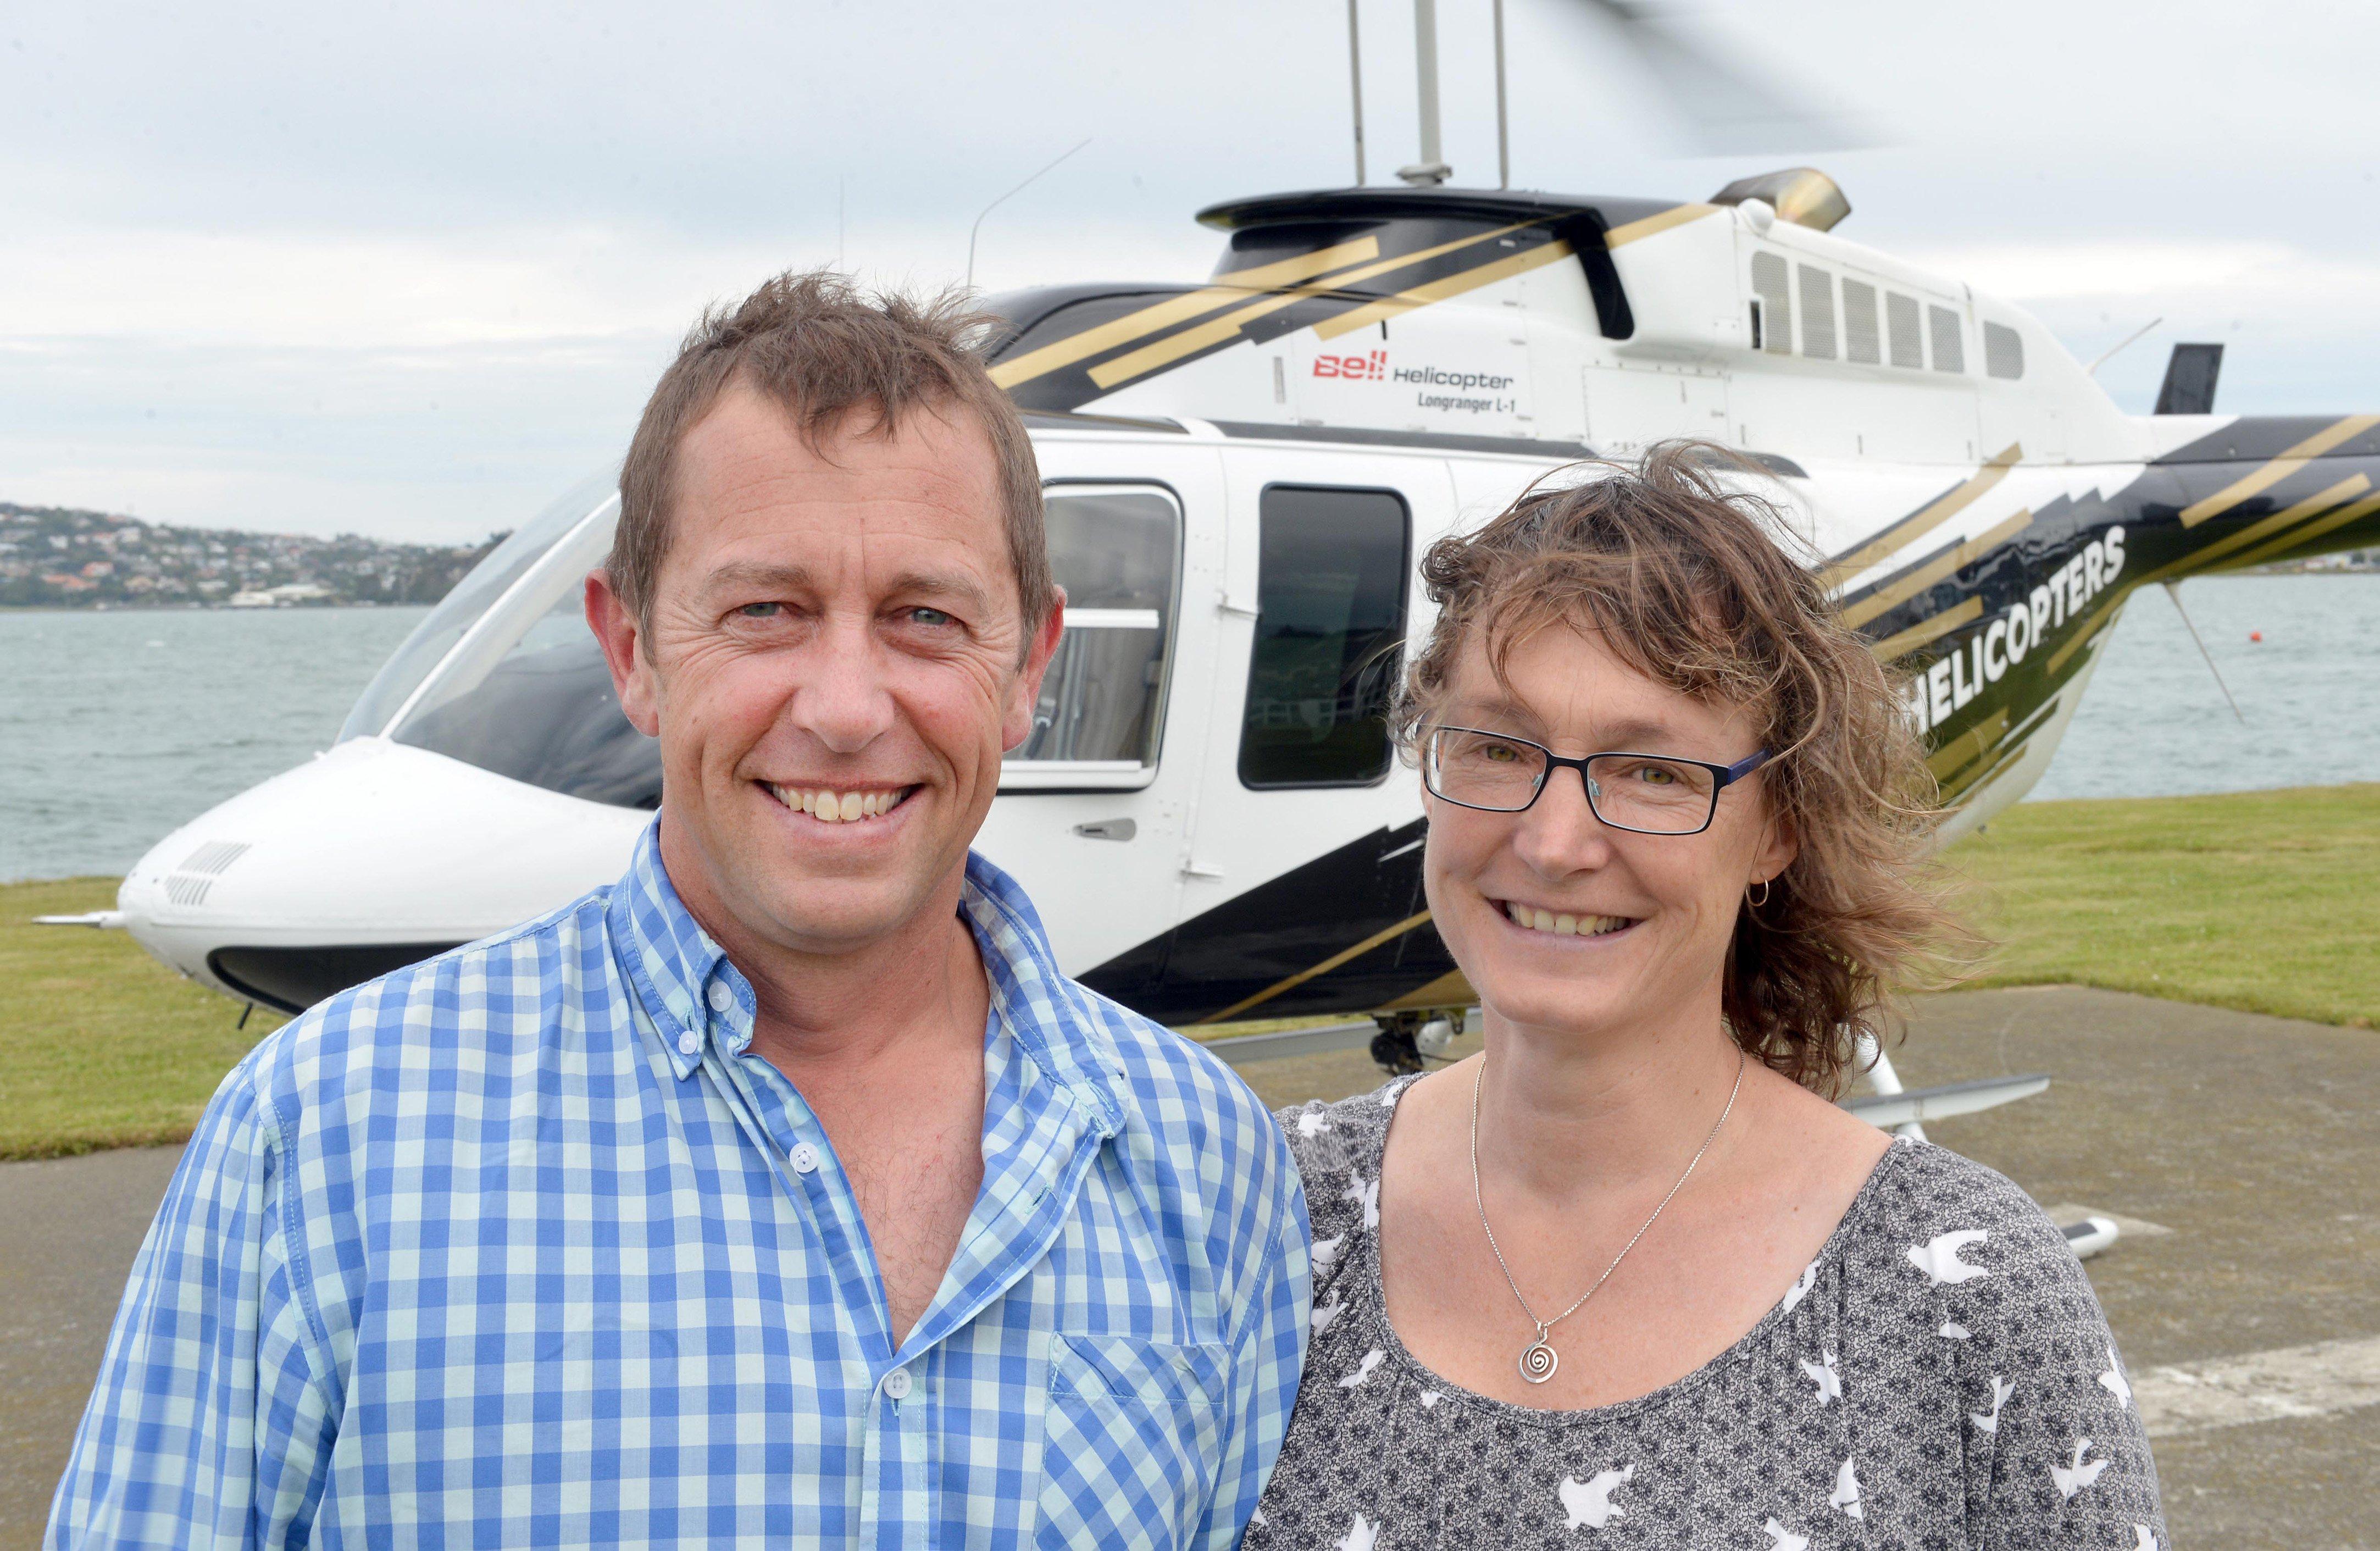 Chopper pilot flying safer skies